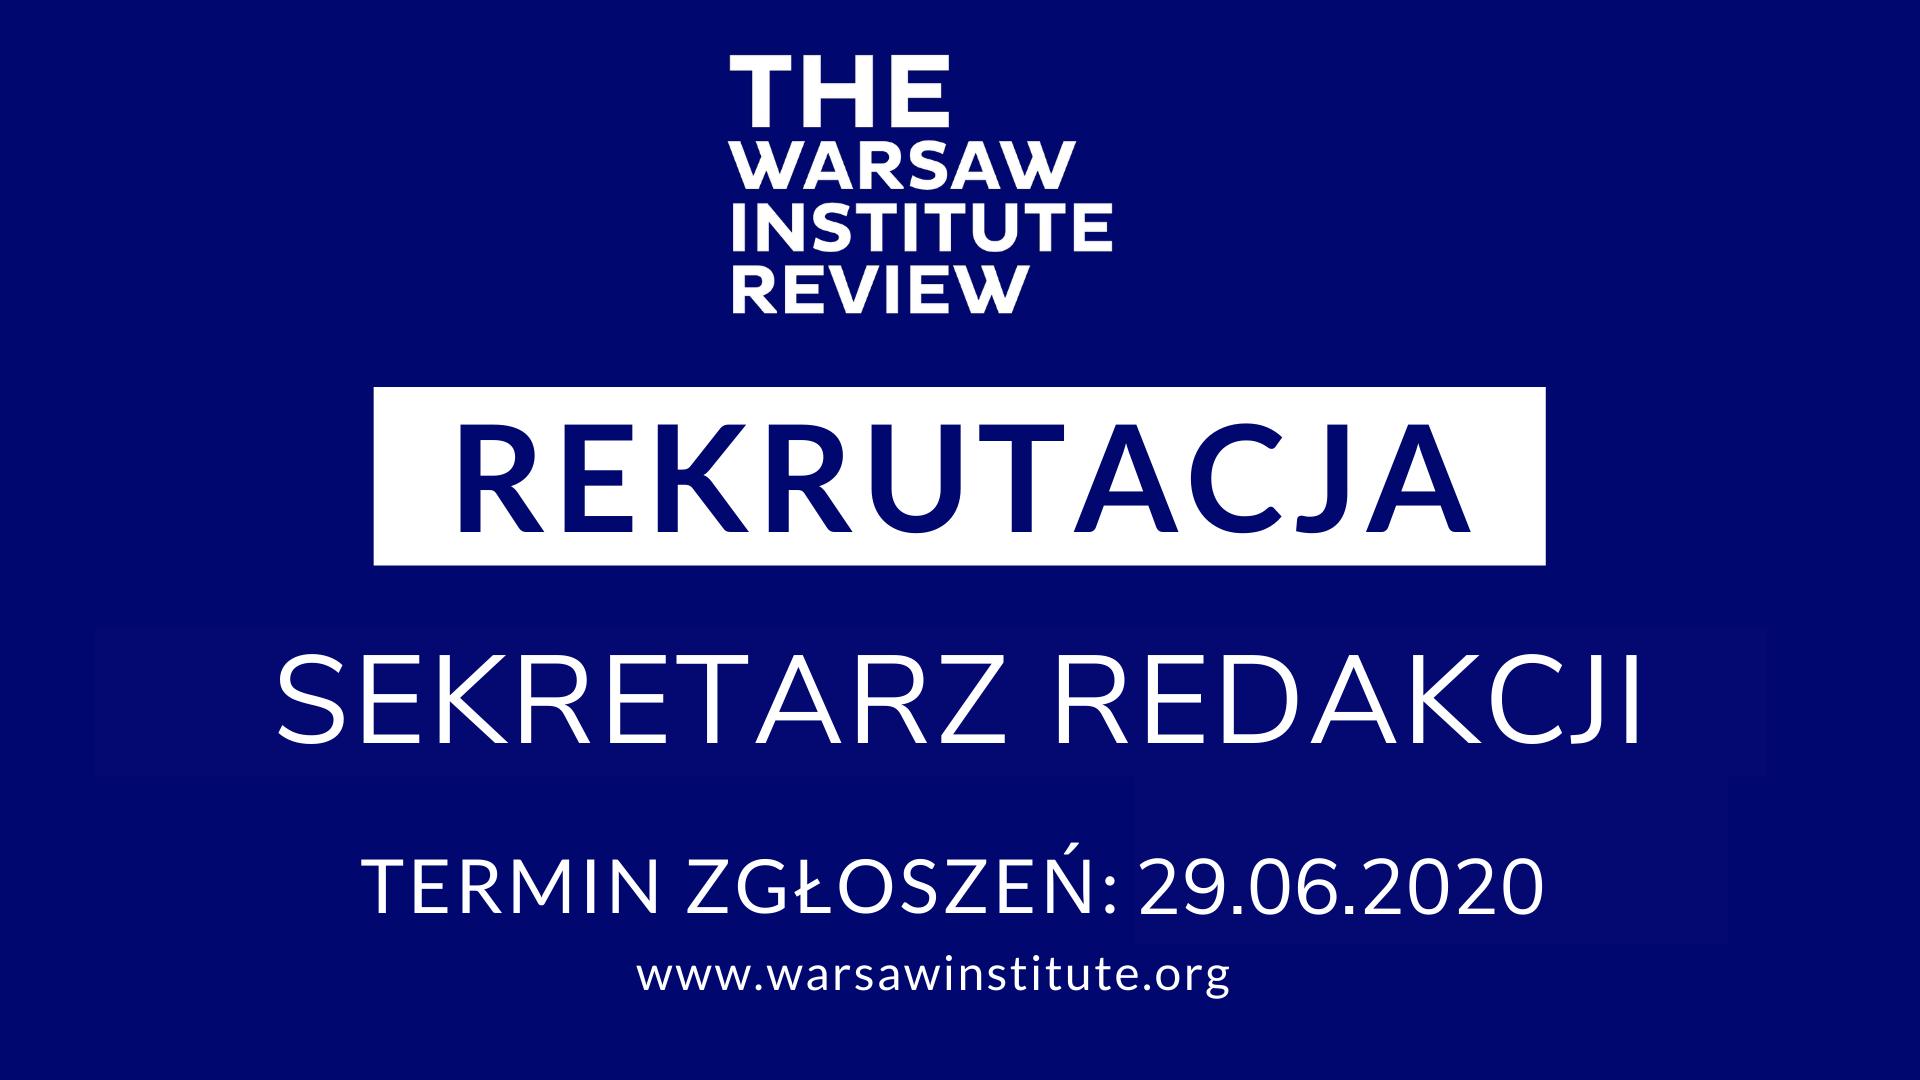 Rekrutacja na stanowisko Sekretarza Redakcji